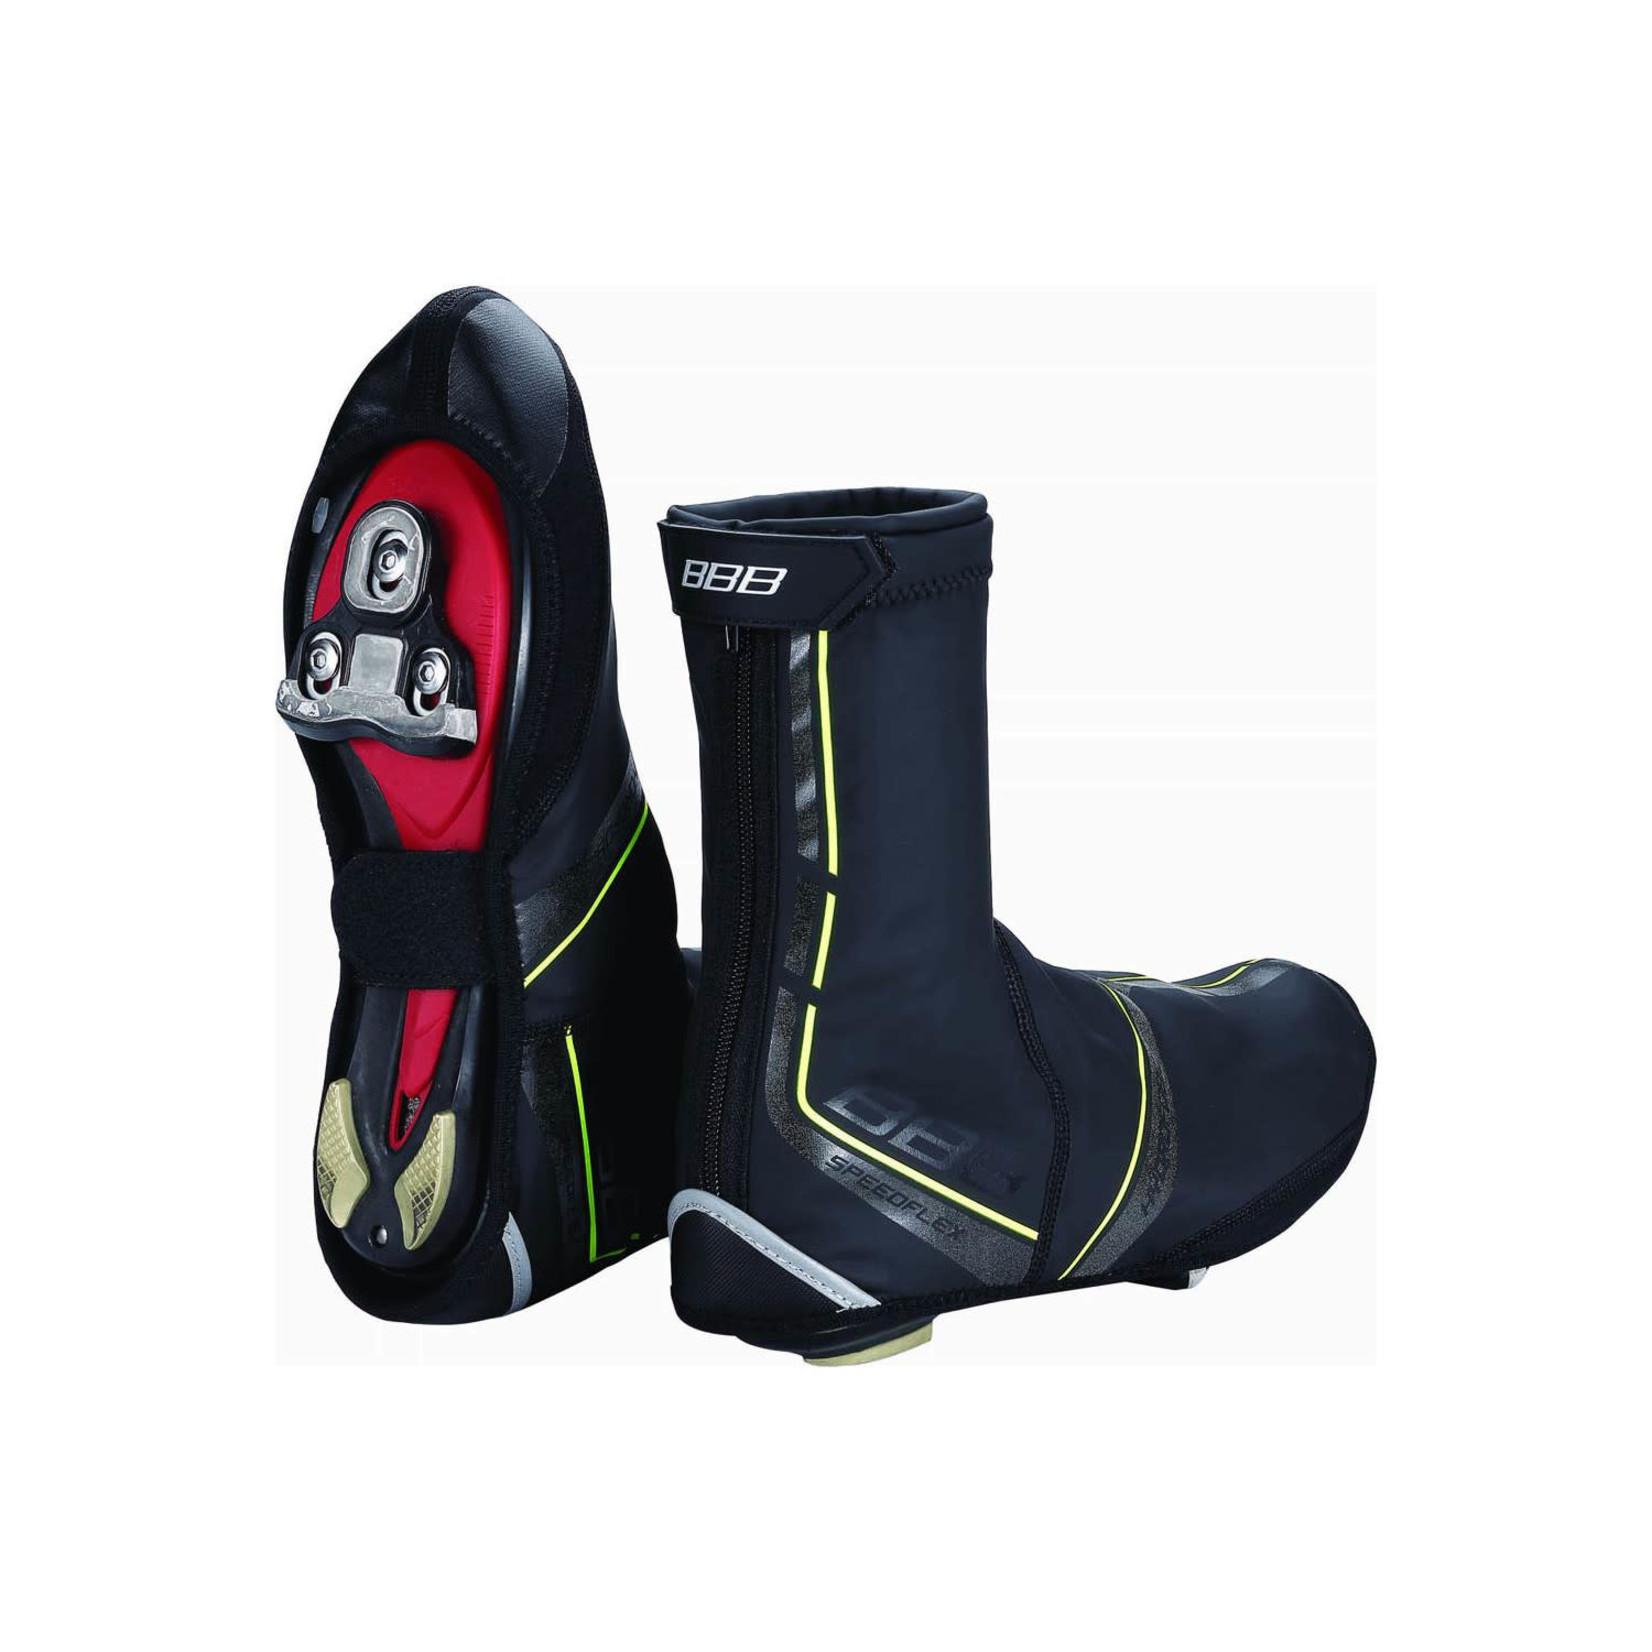 BBB BBB Shoe Covers Speedflex Blk/Neon 45-46